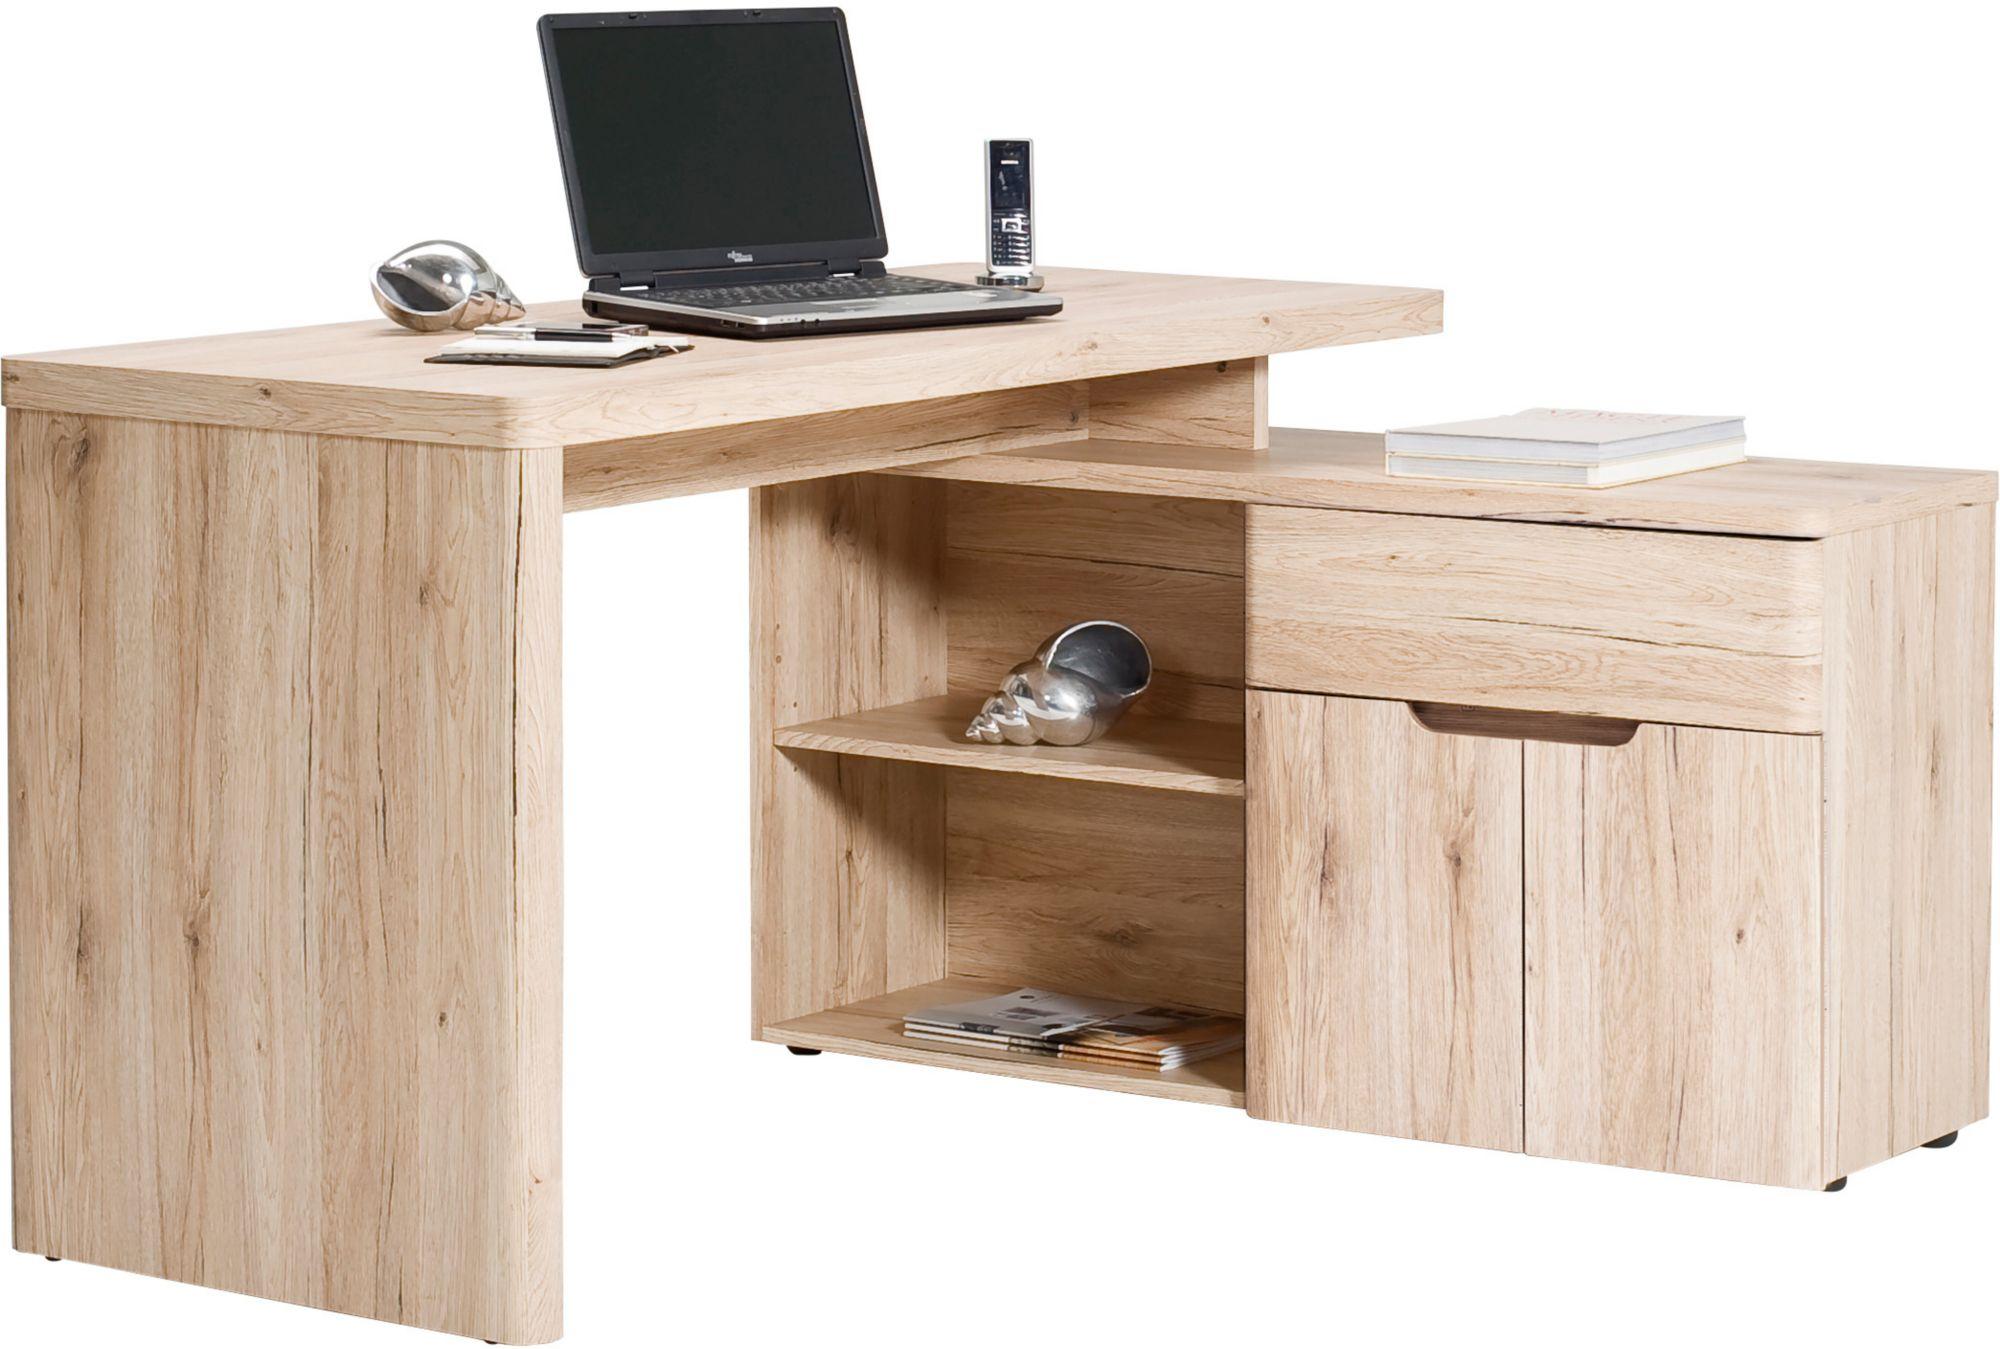 jahnke eck schreibtisch cu libre 150 e schwab versand. Black Bedroom Furniture Sets. Home Design Ideas